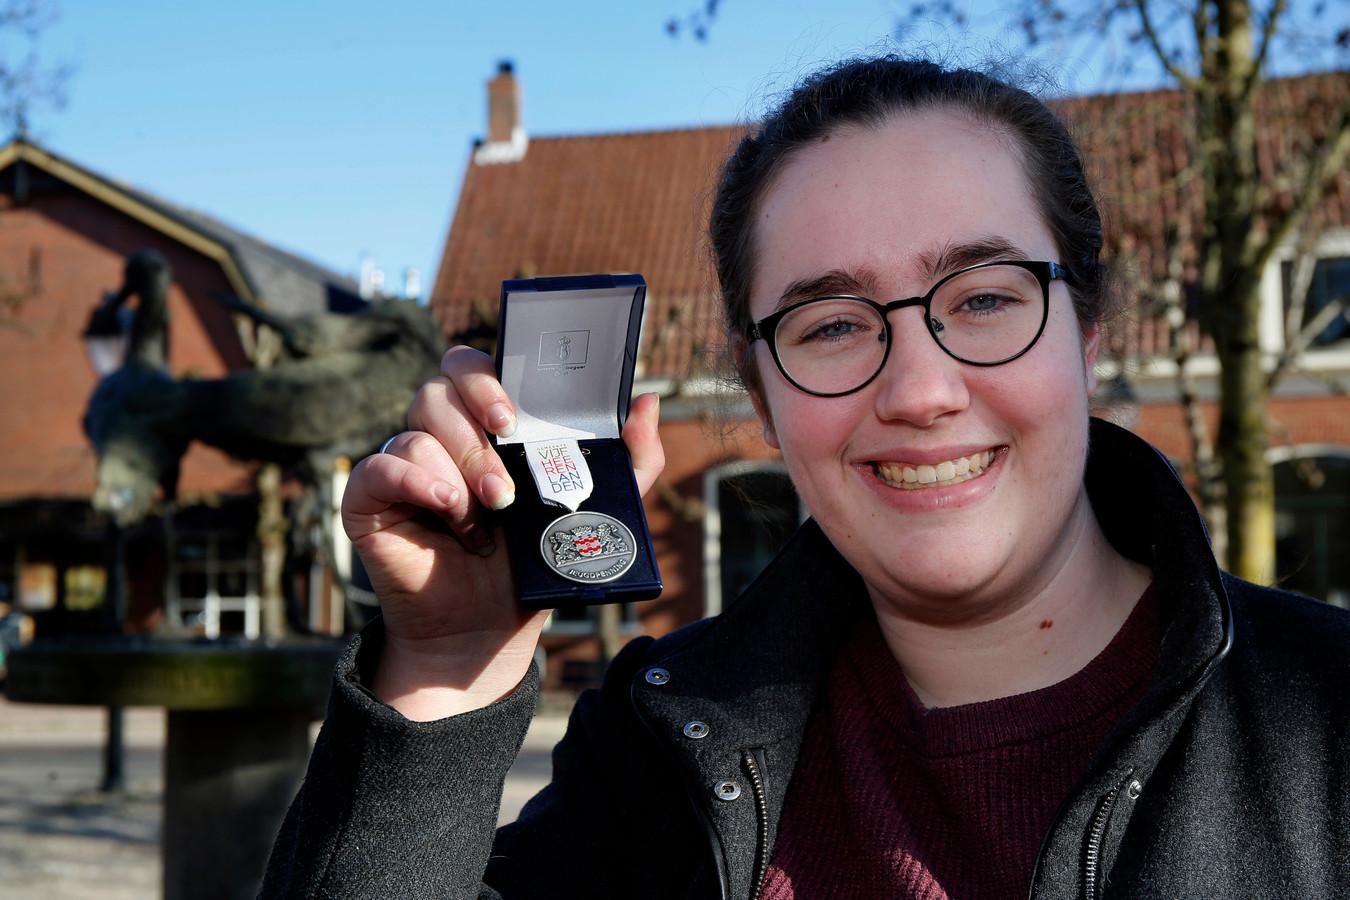 Emma van der Poel laat de penning zien die ze van de burgemeester kreeg uitgereikt.